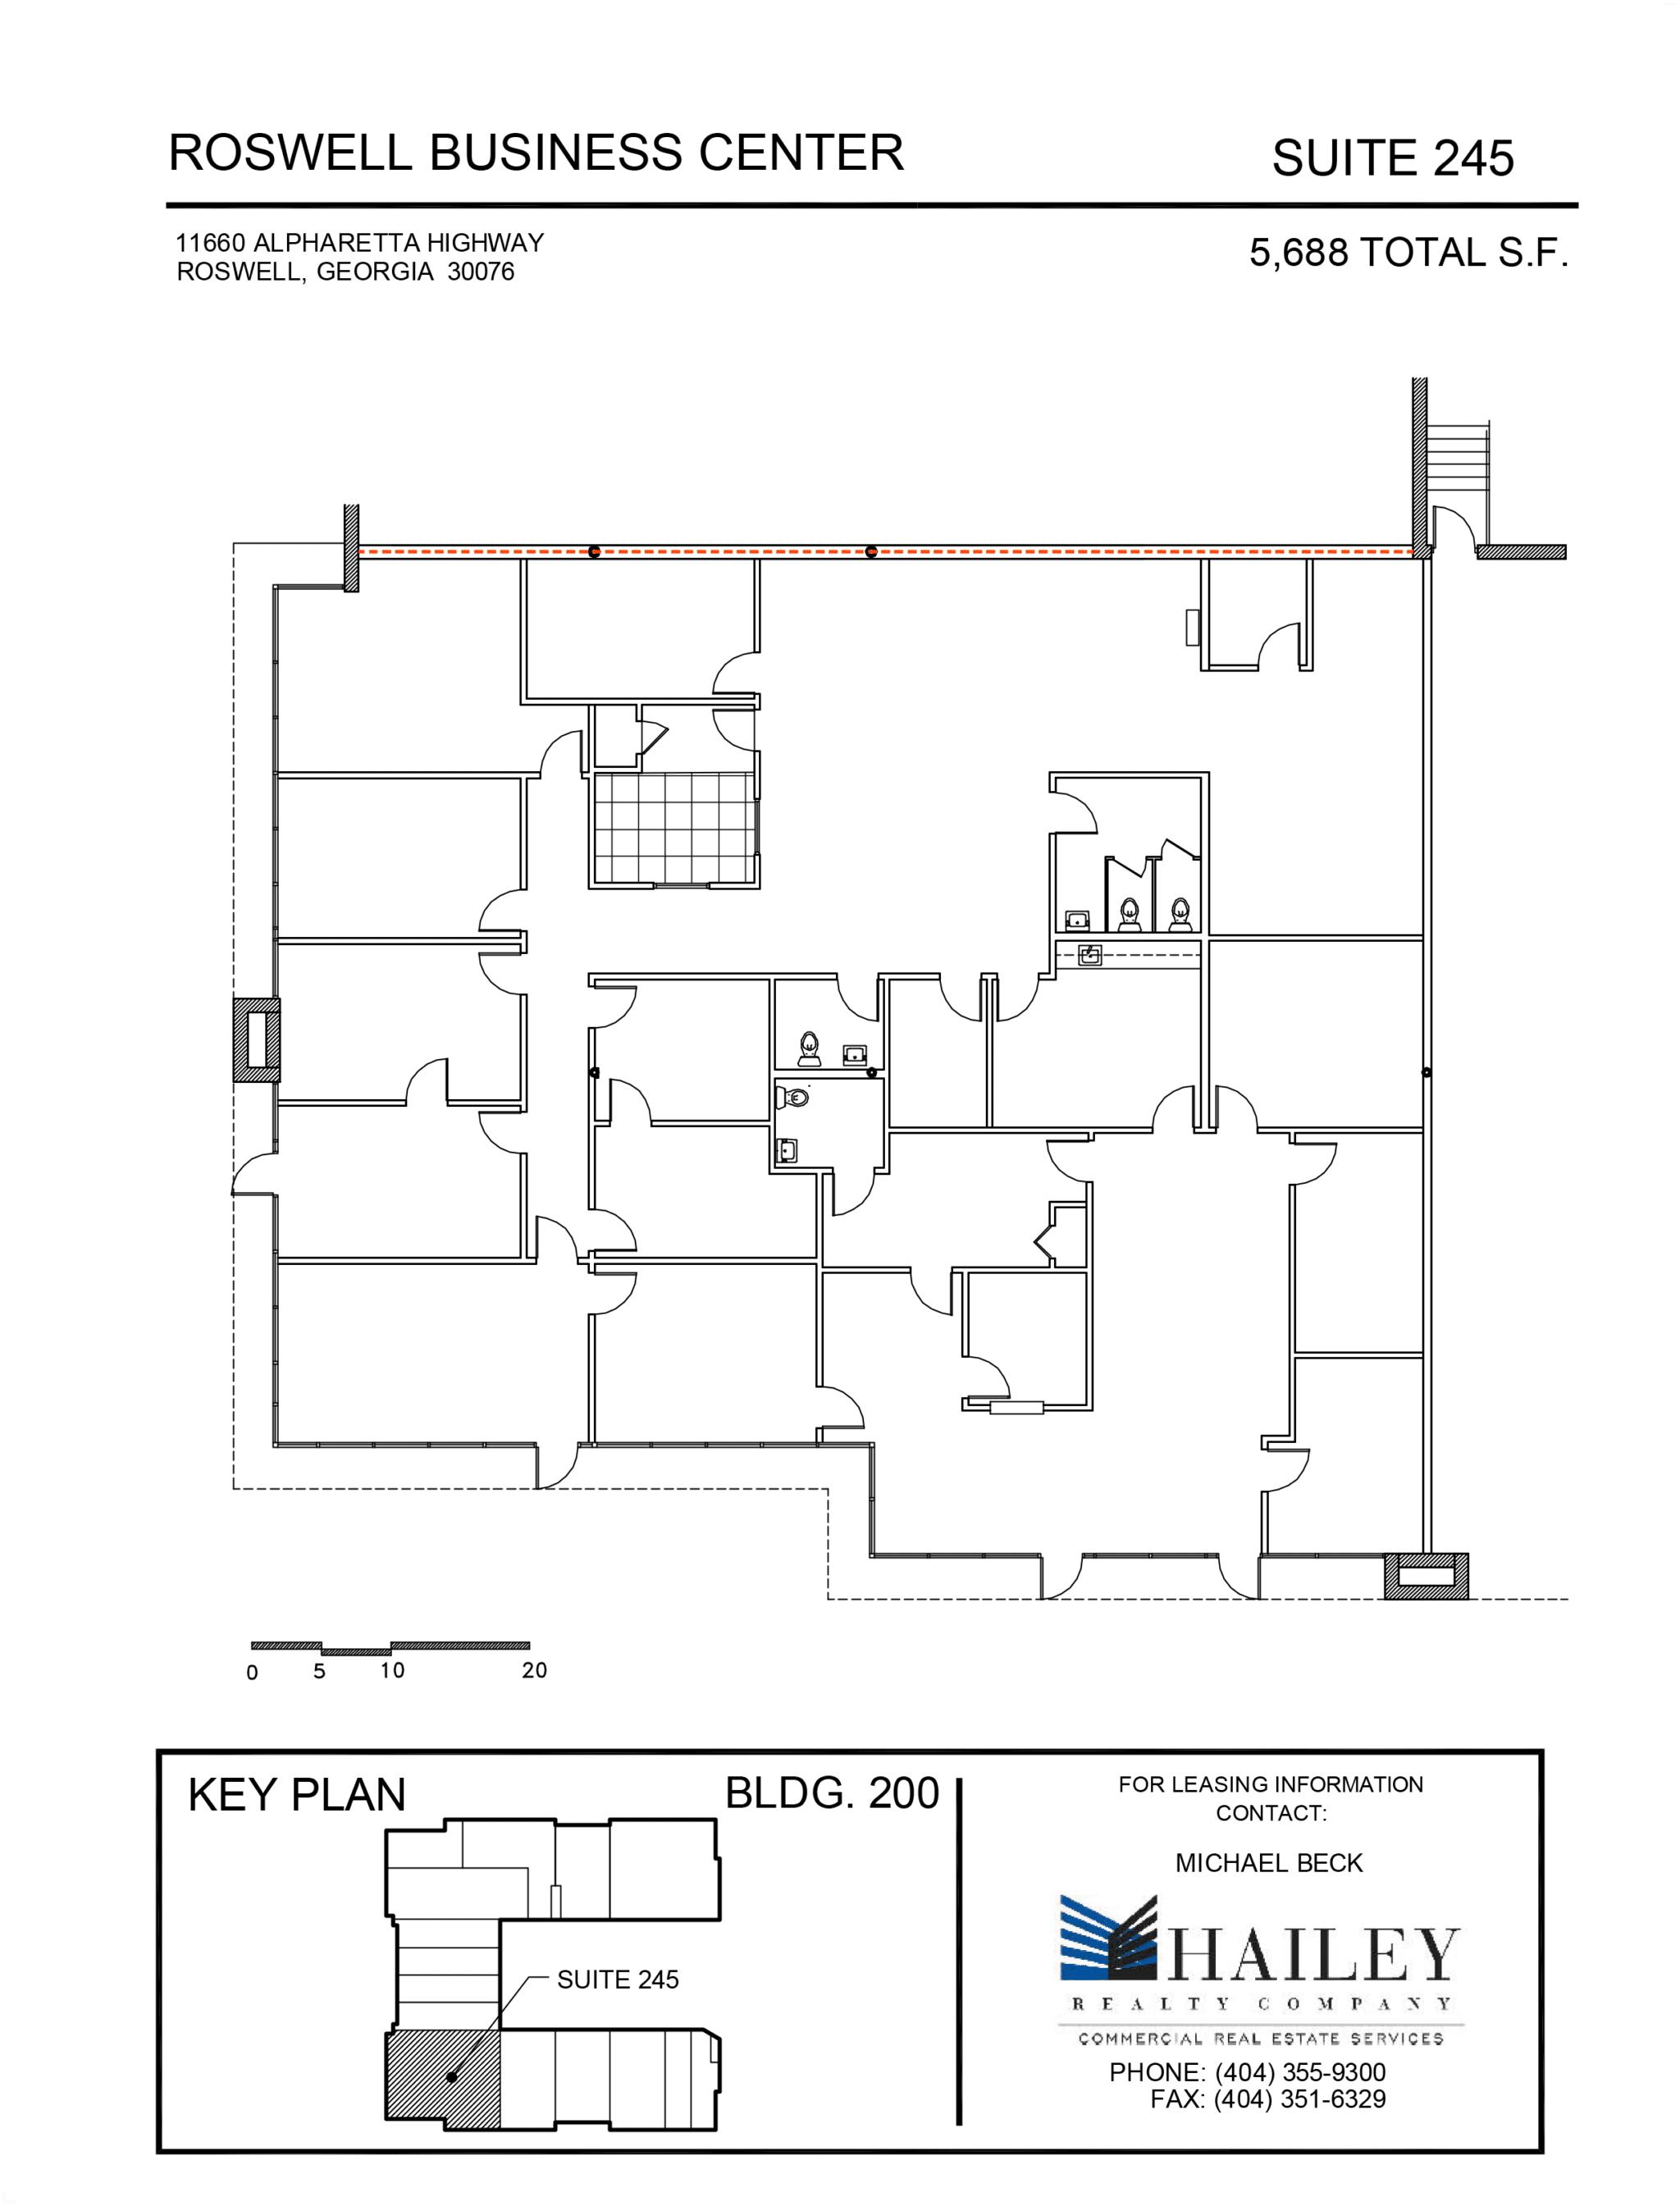 Suite 240-245